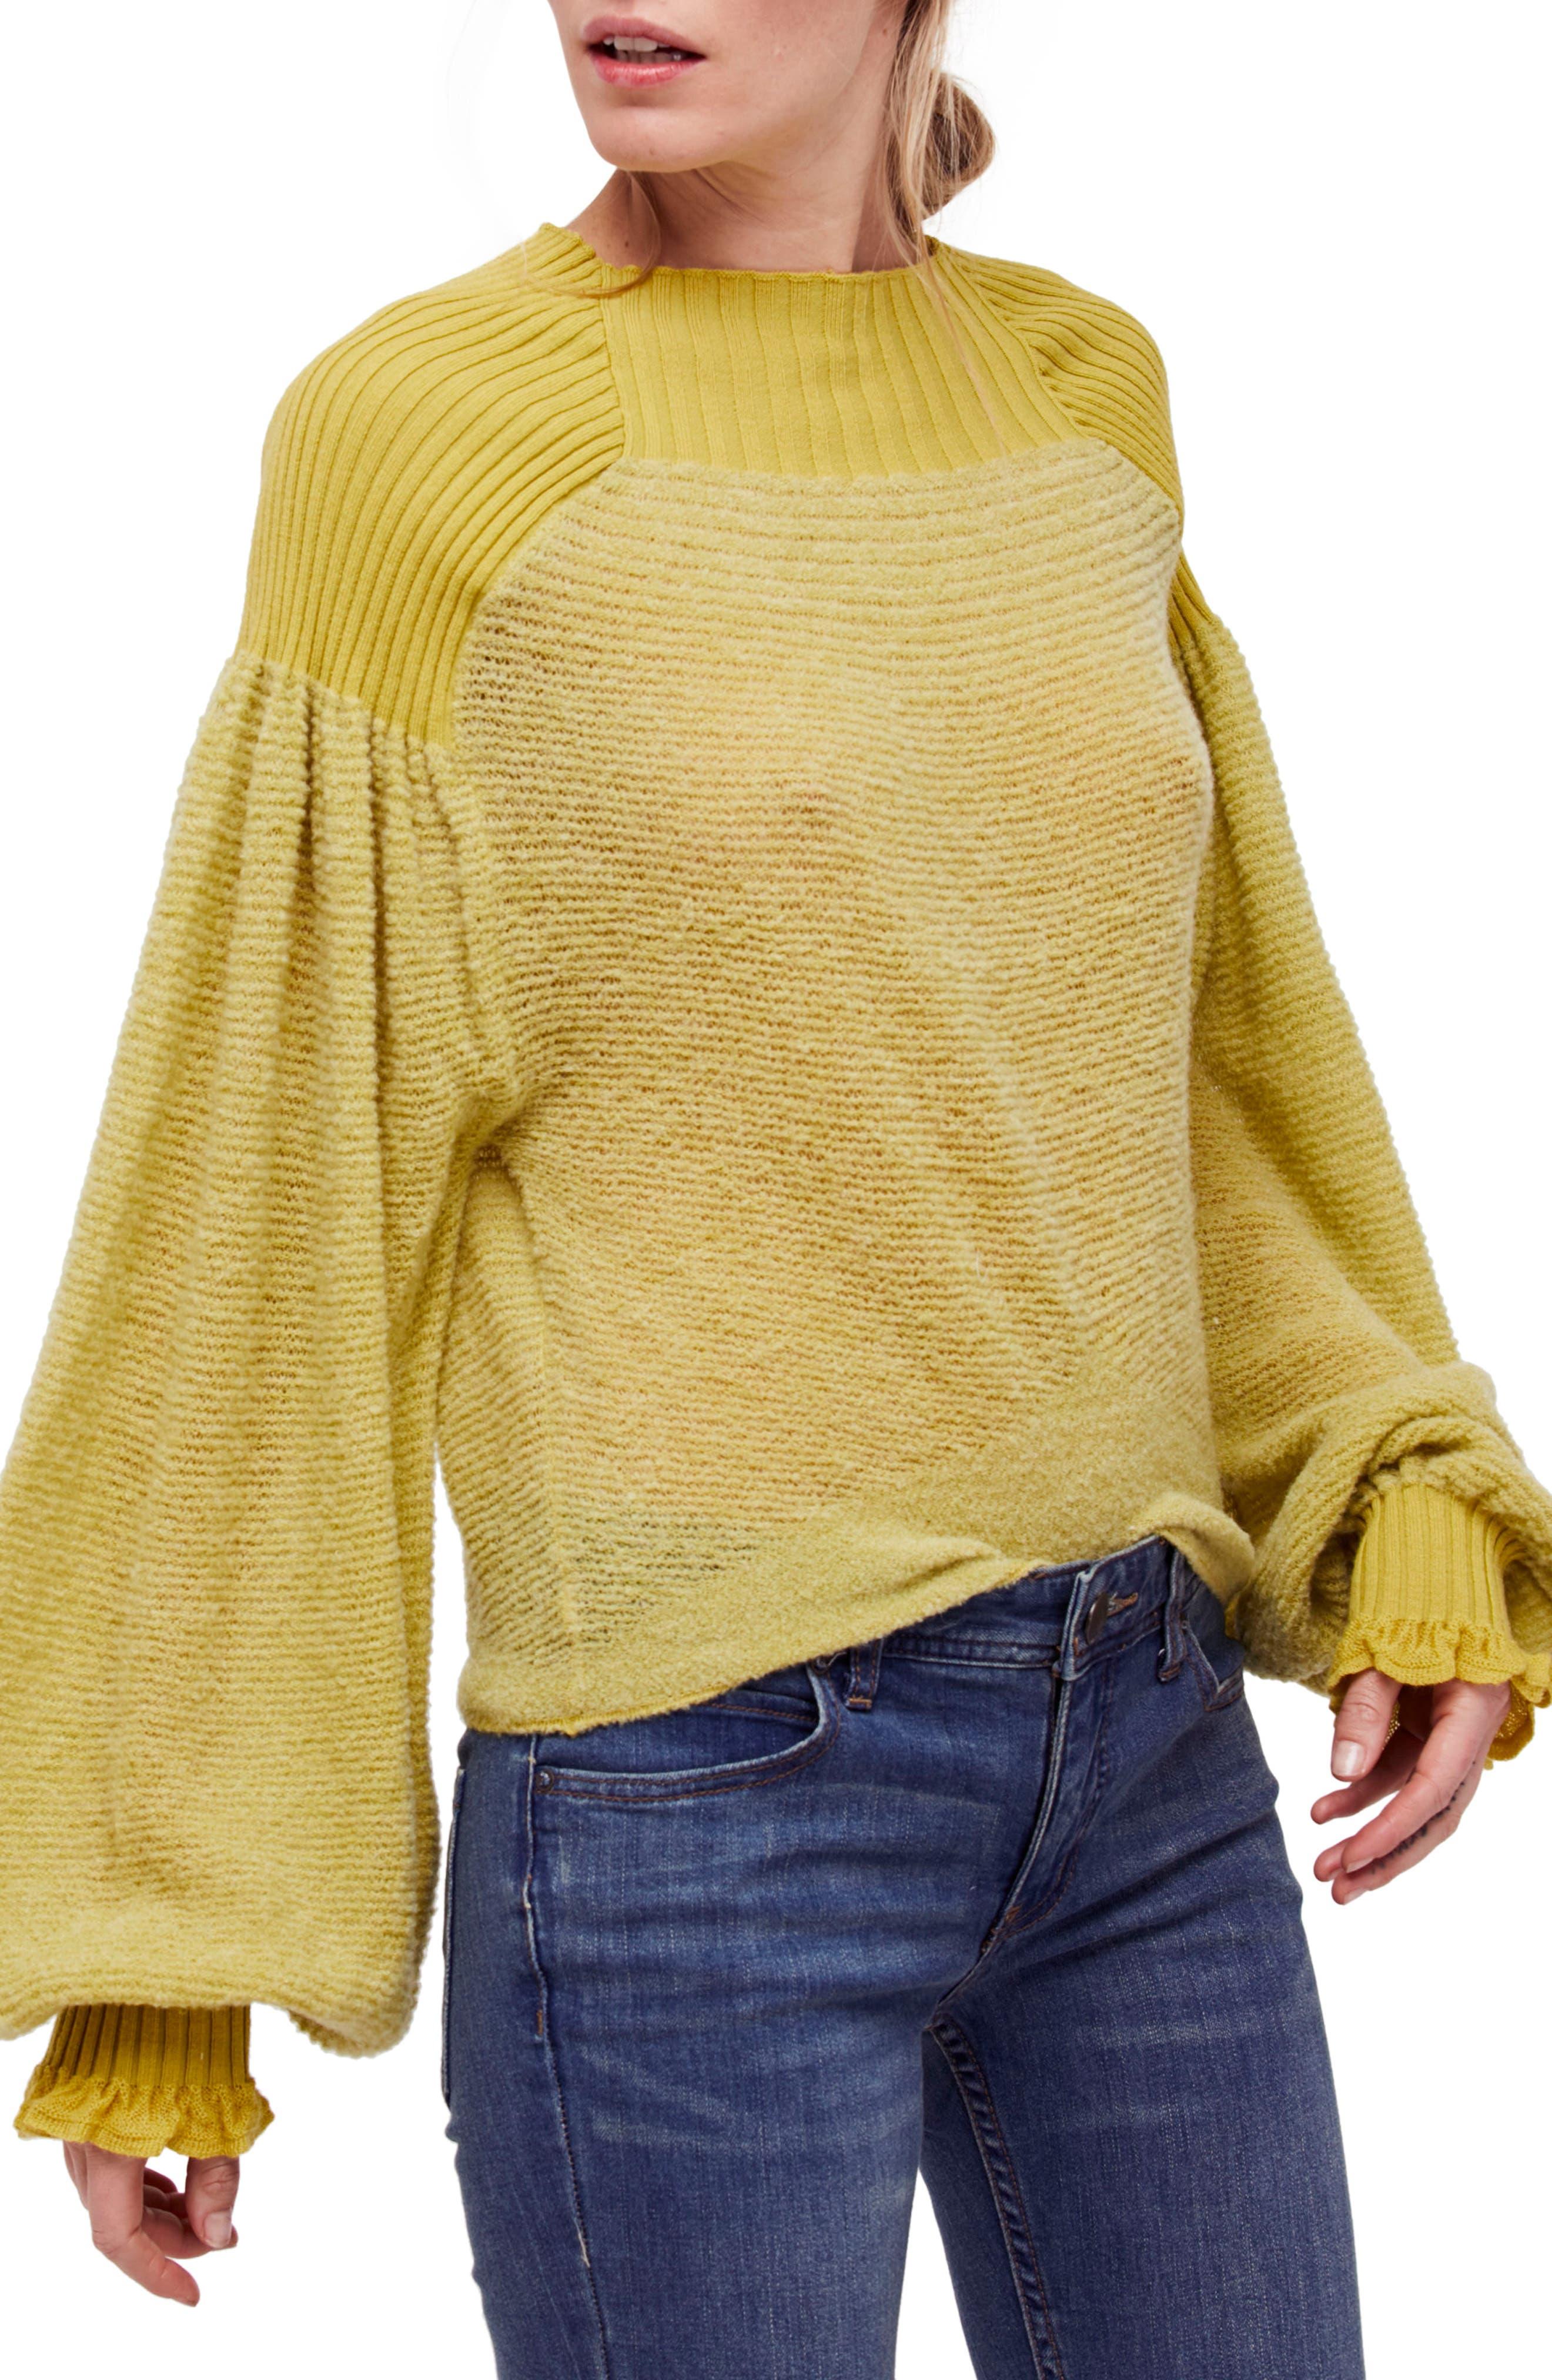 Alternate Image 1 Selected - Free People Elderflower Sweater